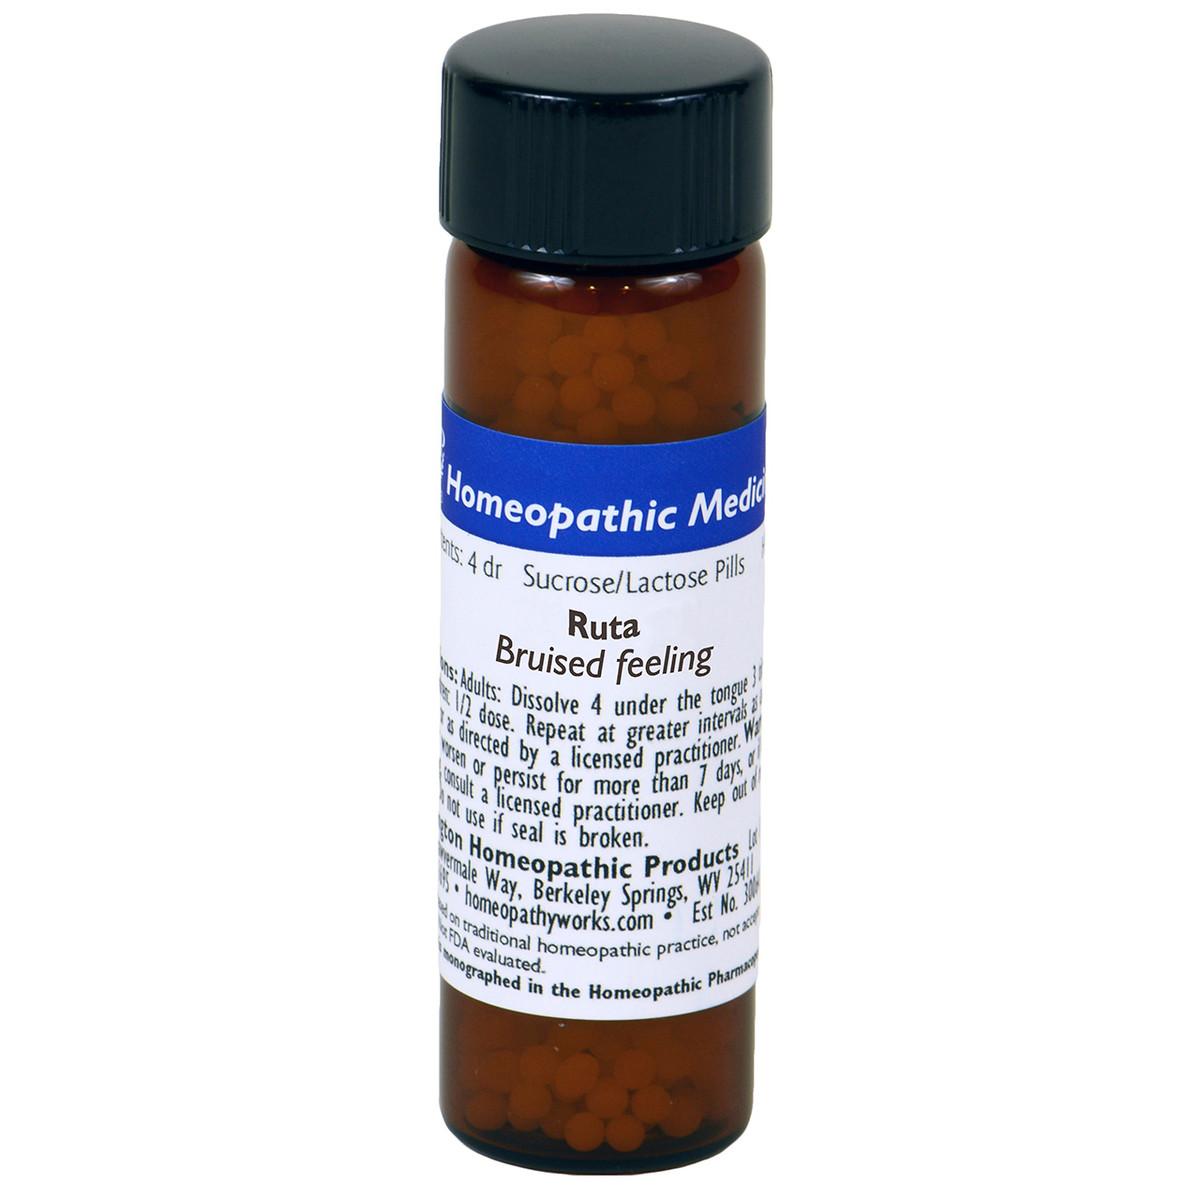 Image of Ruta Graveolens Pills